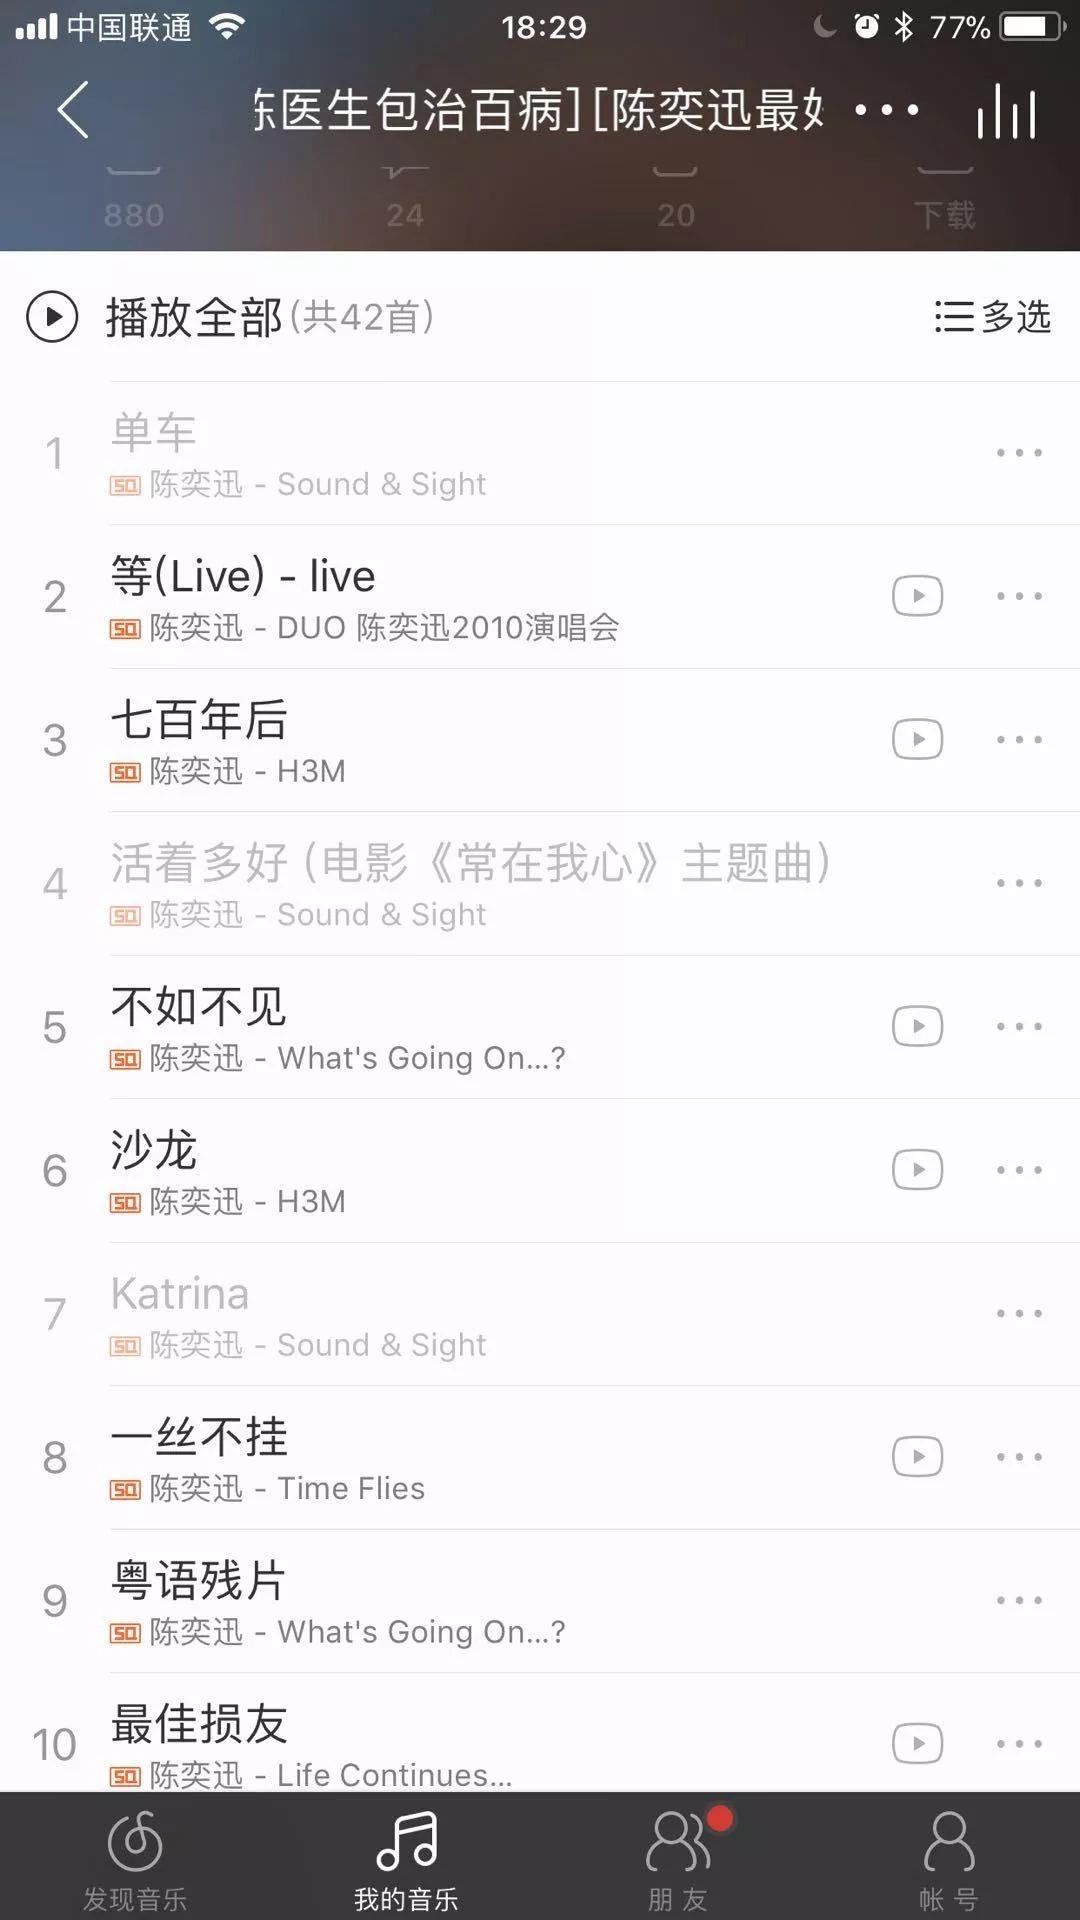 网易云和QQ音乐达成版权合作 以后不用来回切换App了